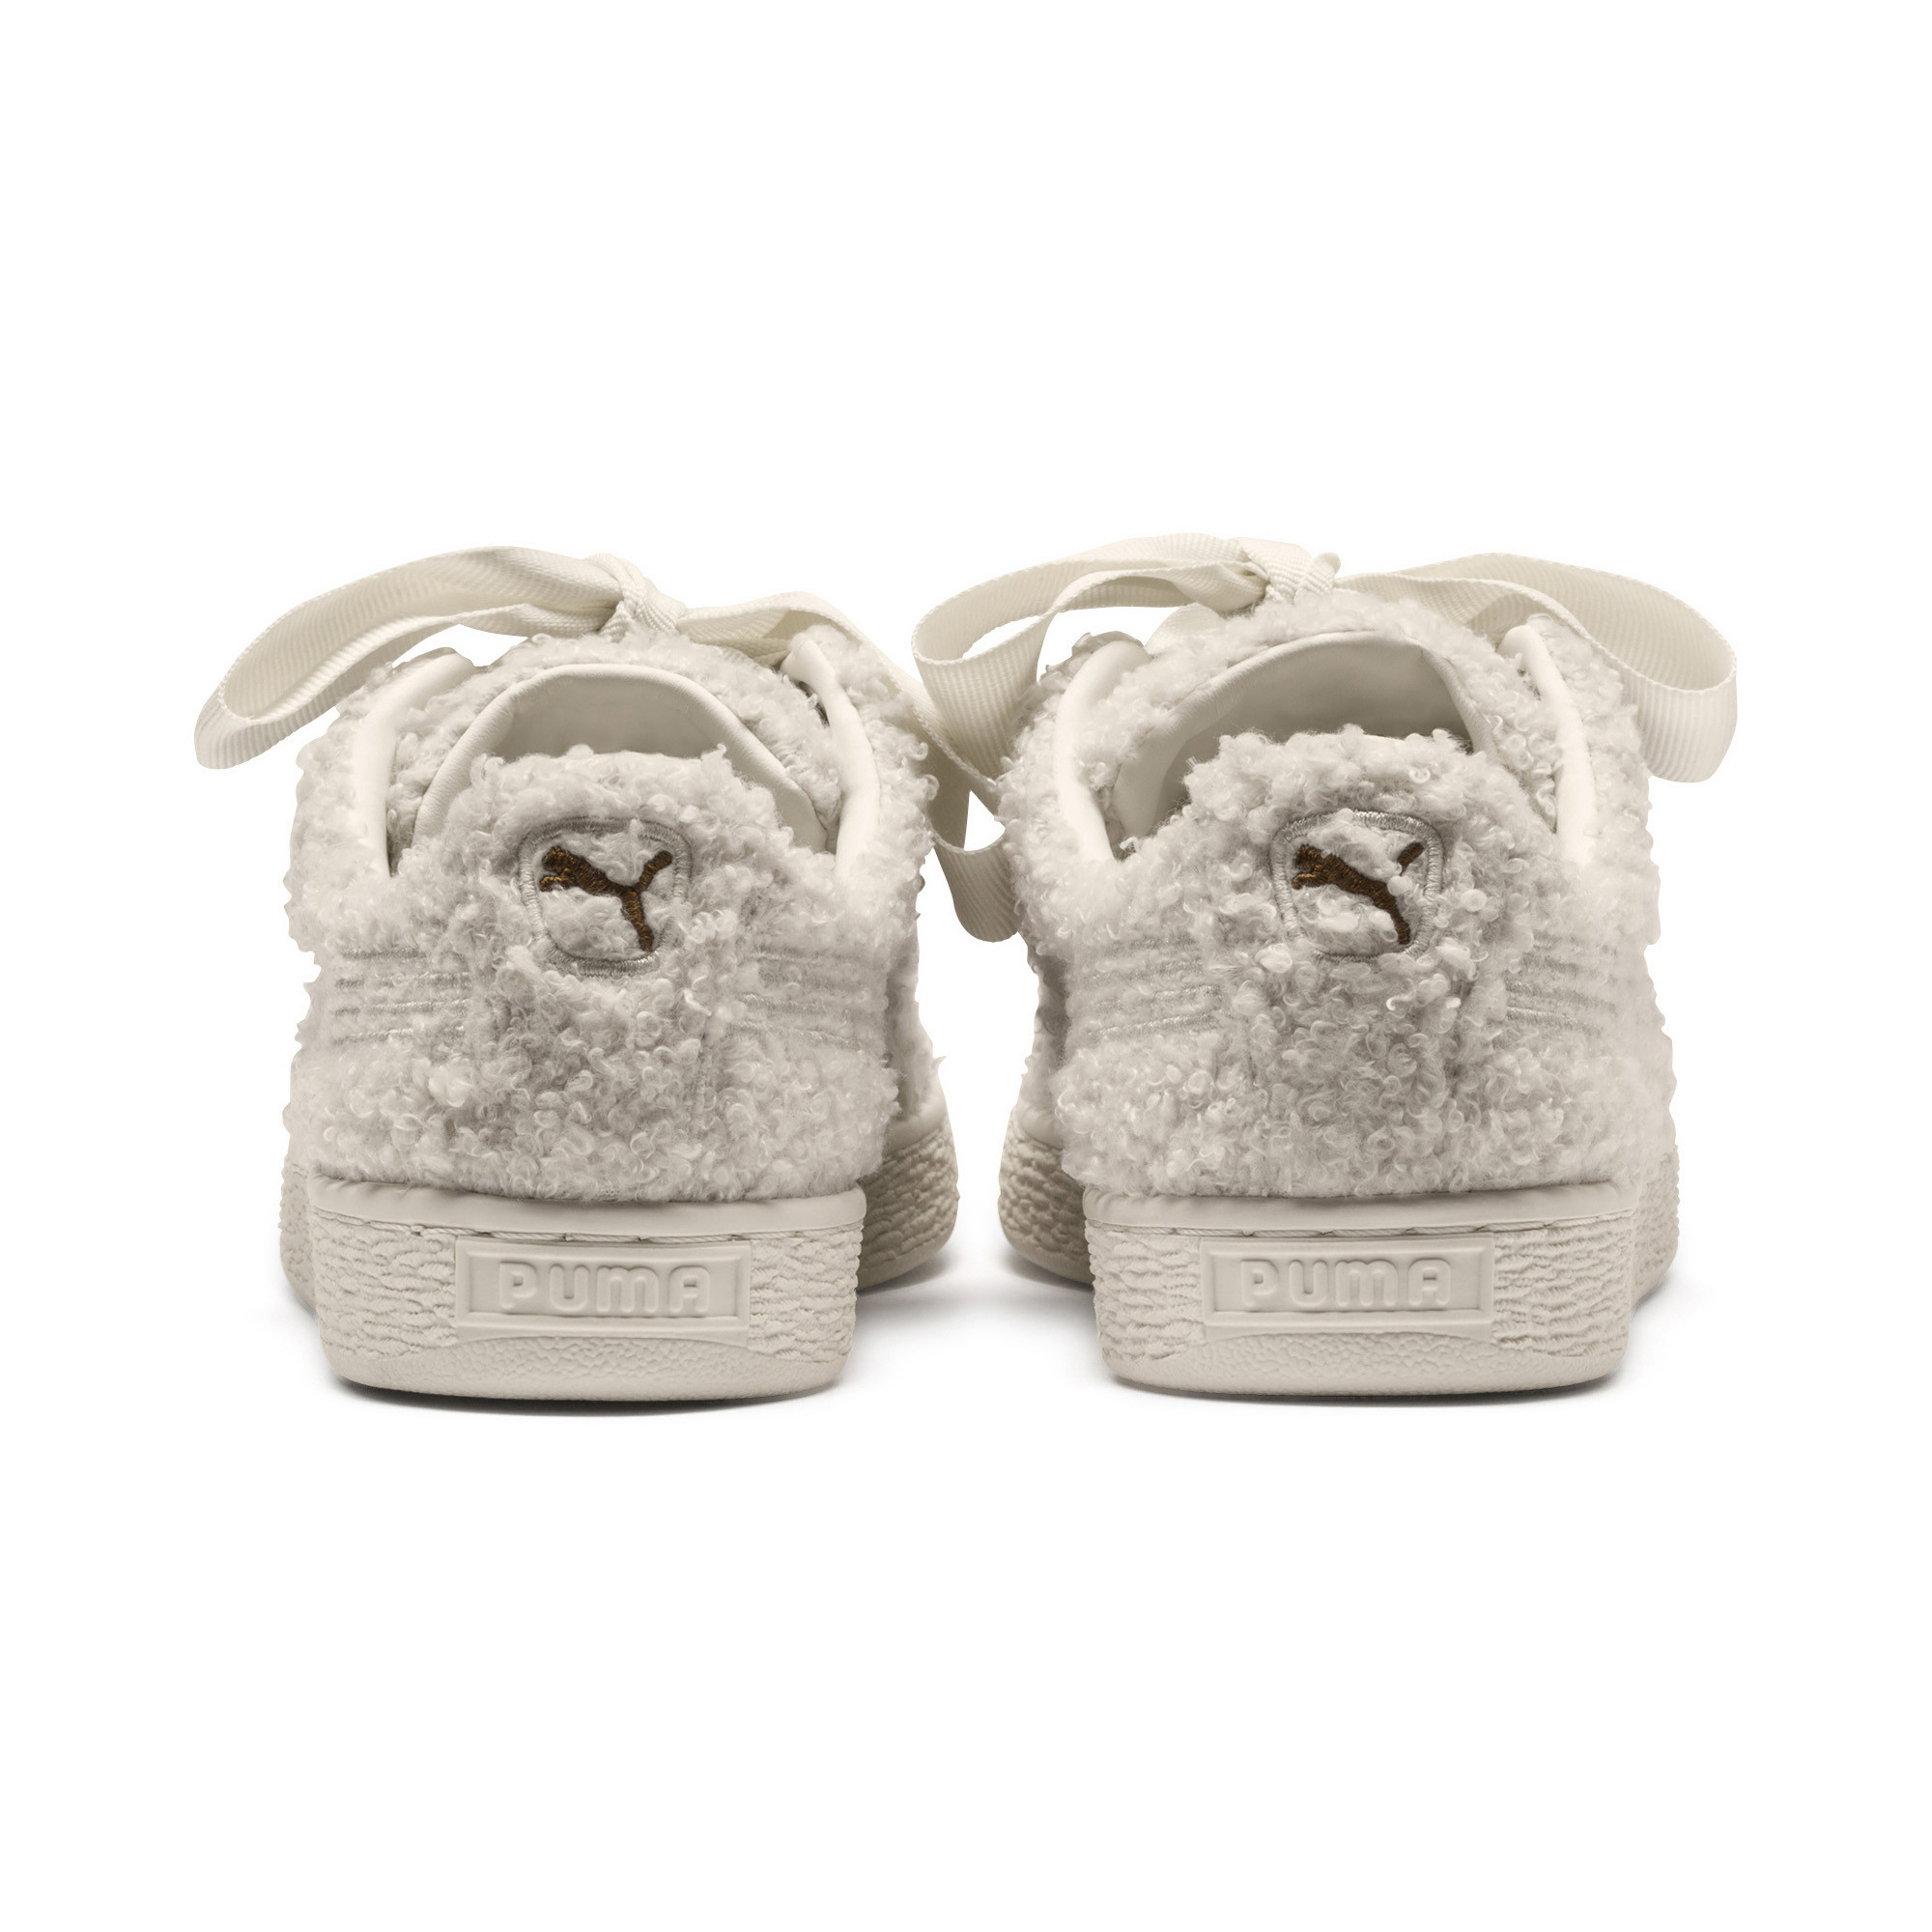 PUMA-Basket-Heart-Teddy-Women-s-Sneakers-Women-Shoe thumbnail 3